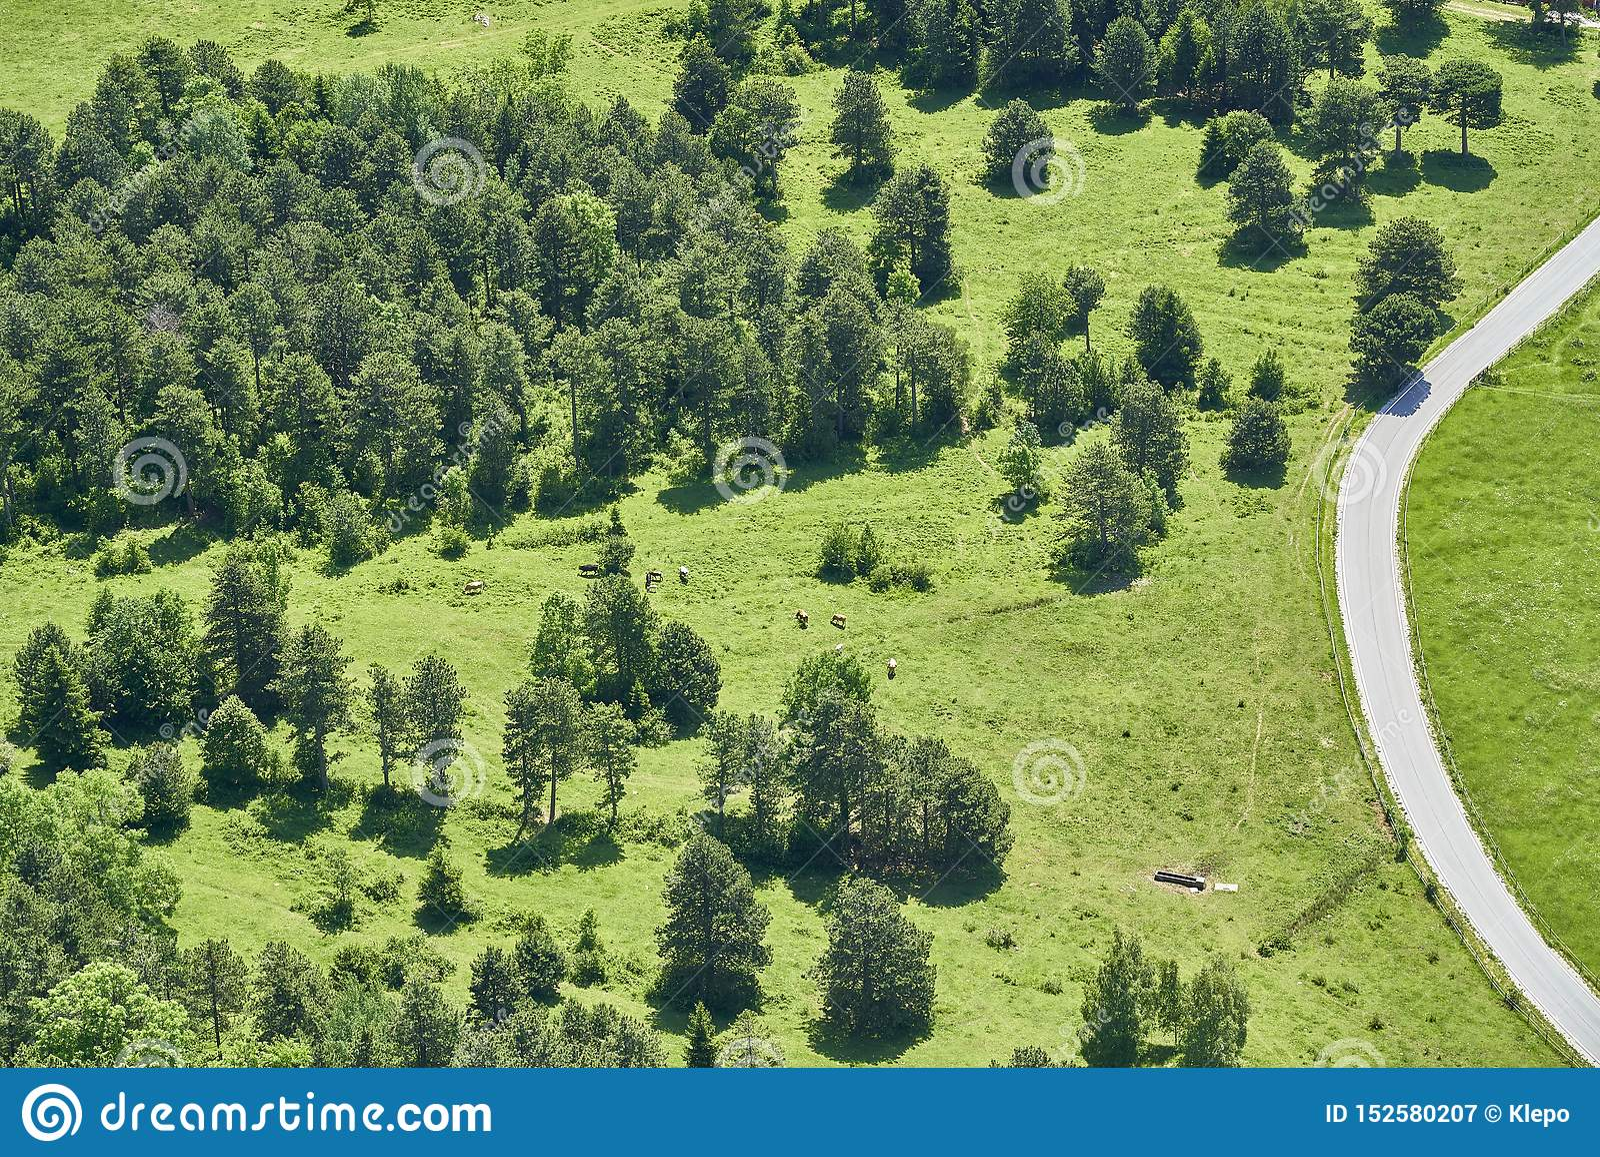 Orest, Wiese eine Straße und einige Kühe, Hohe-Stab, Österreich